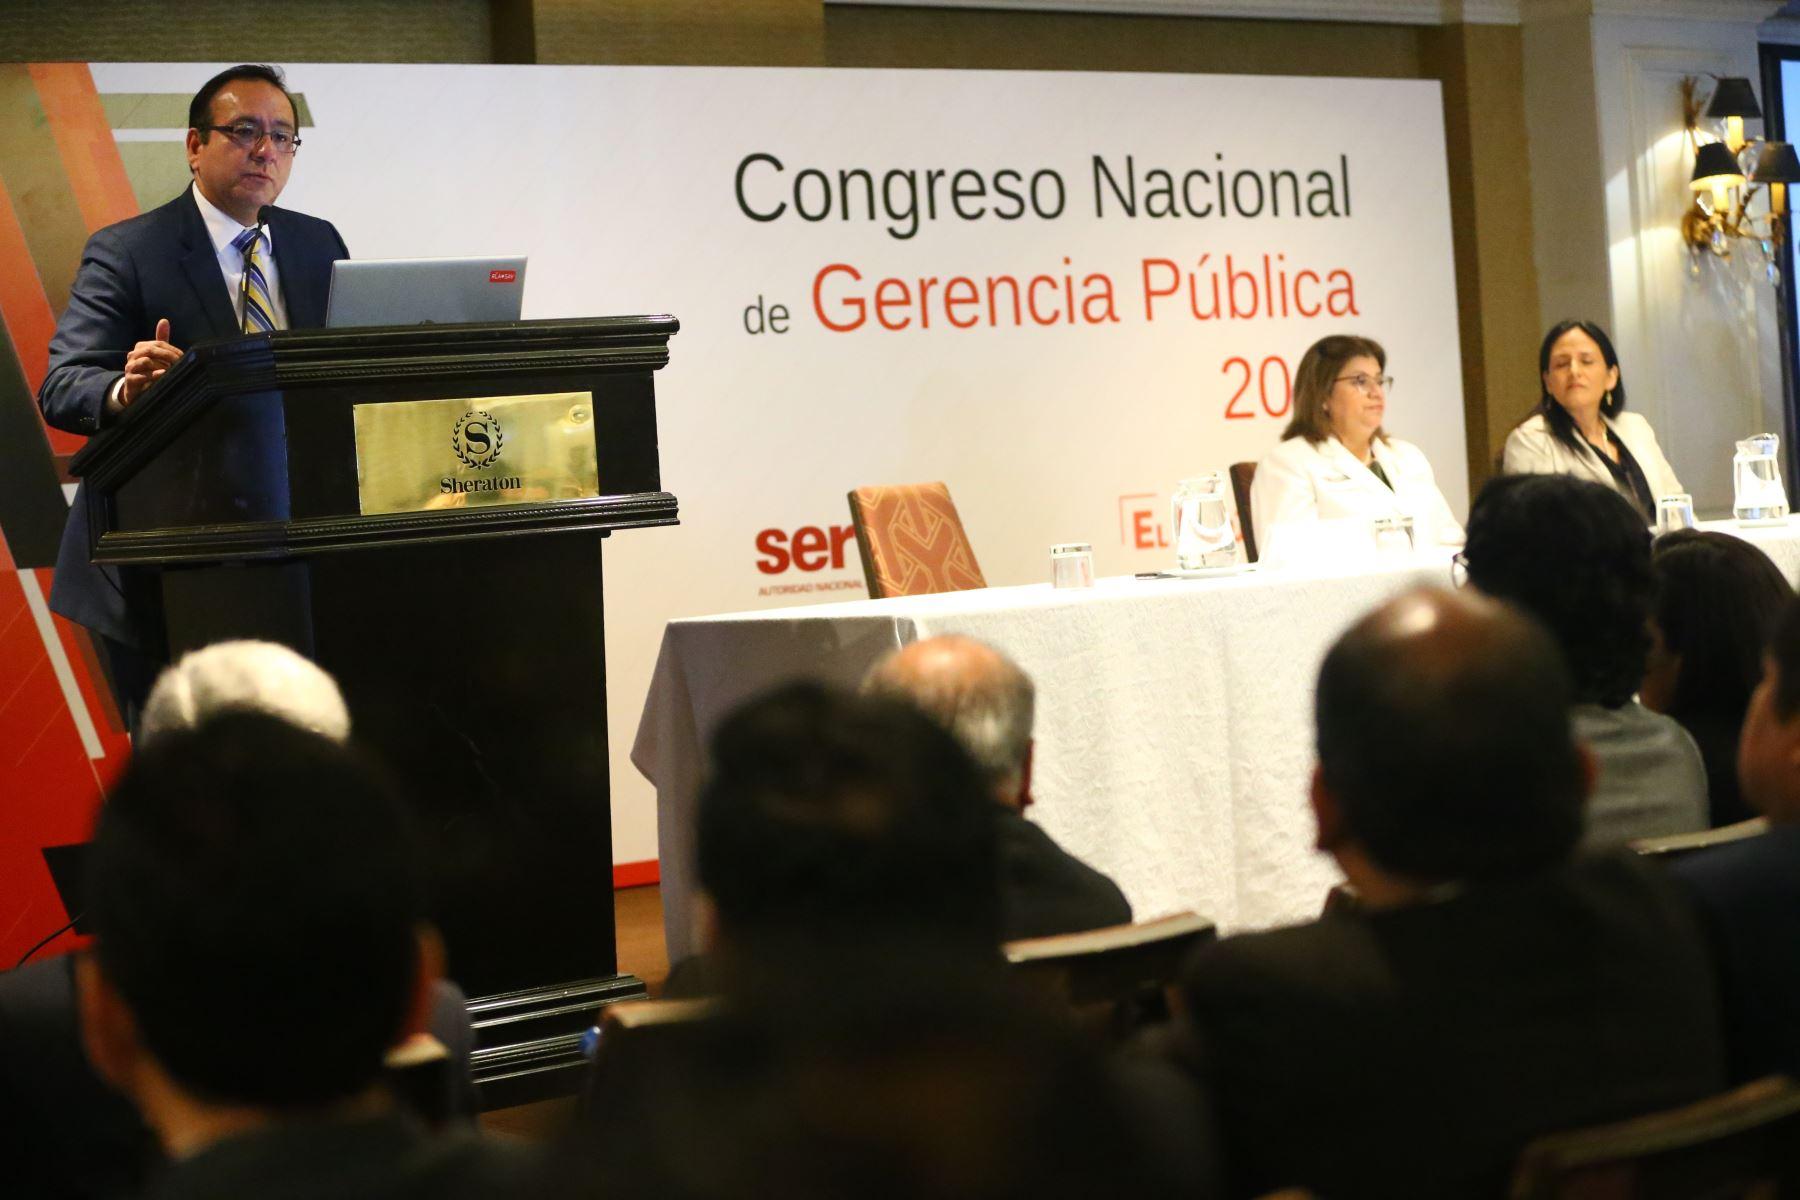 Martínez Ortiz dio la bienvenida a los gerentes públicos asistentes, de quienes destacó su alta vocación de servicio y compromiso con su labor. Foto: ANDINA/Melina Mejía